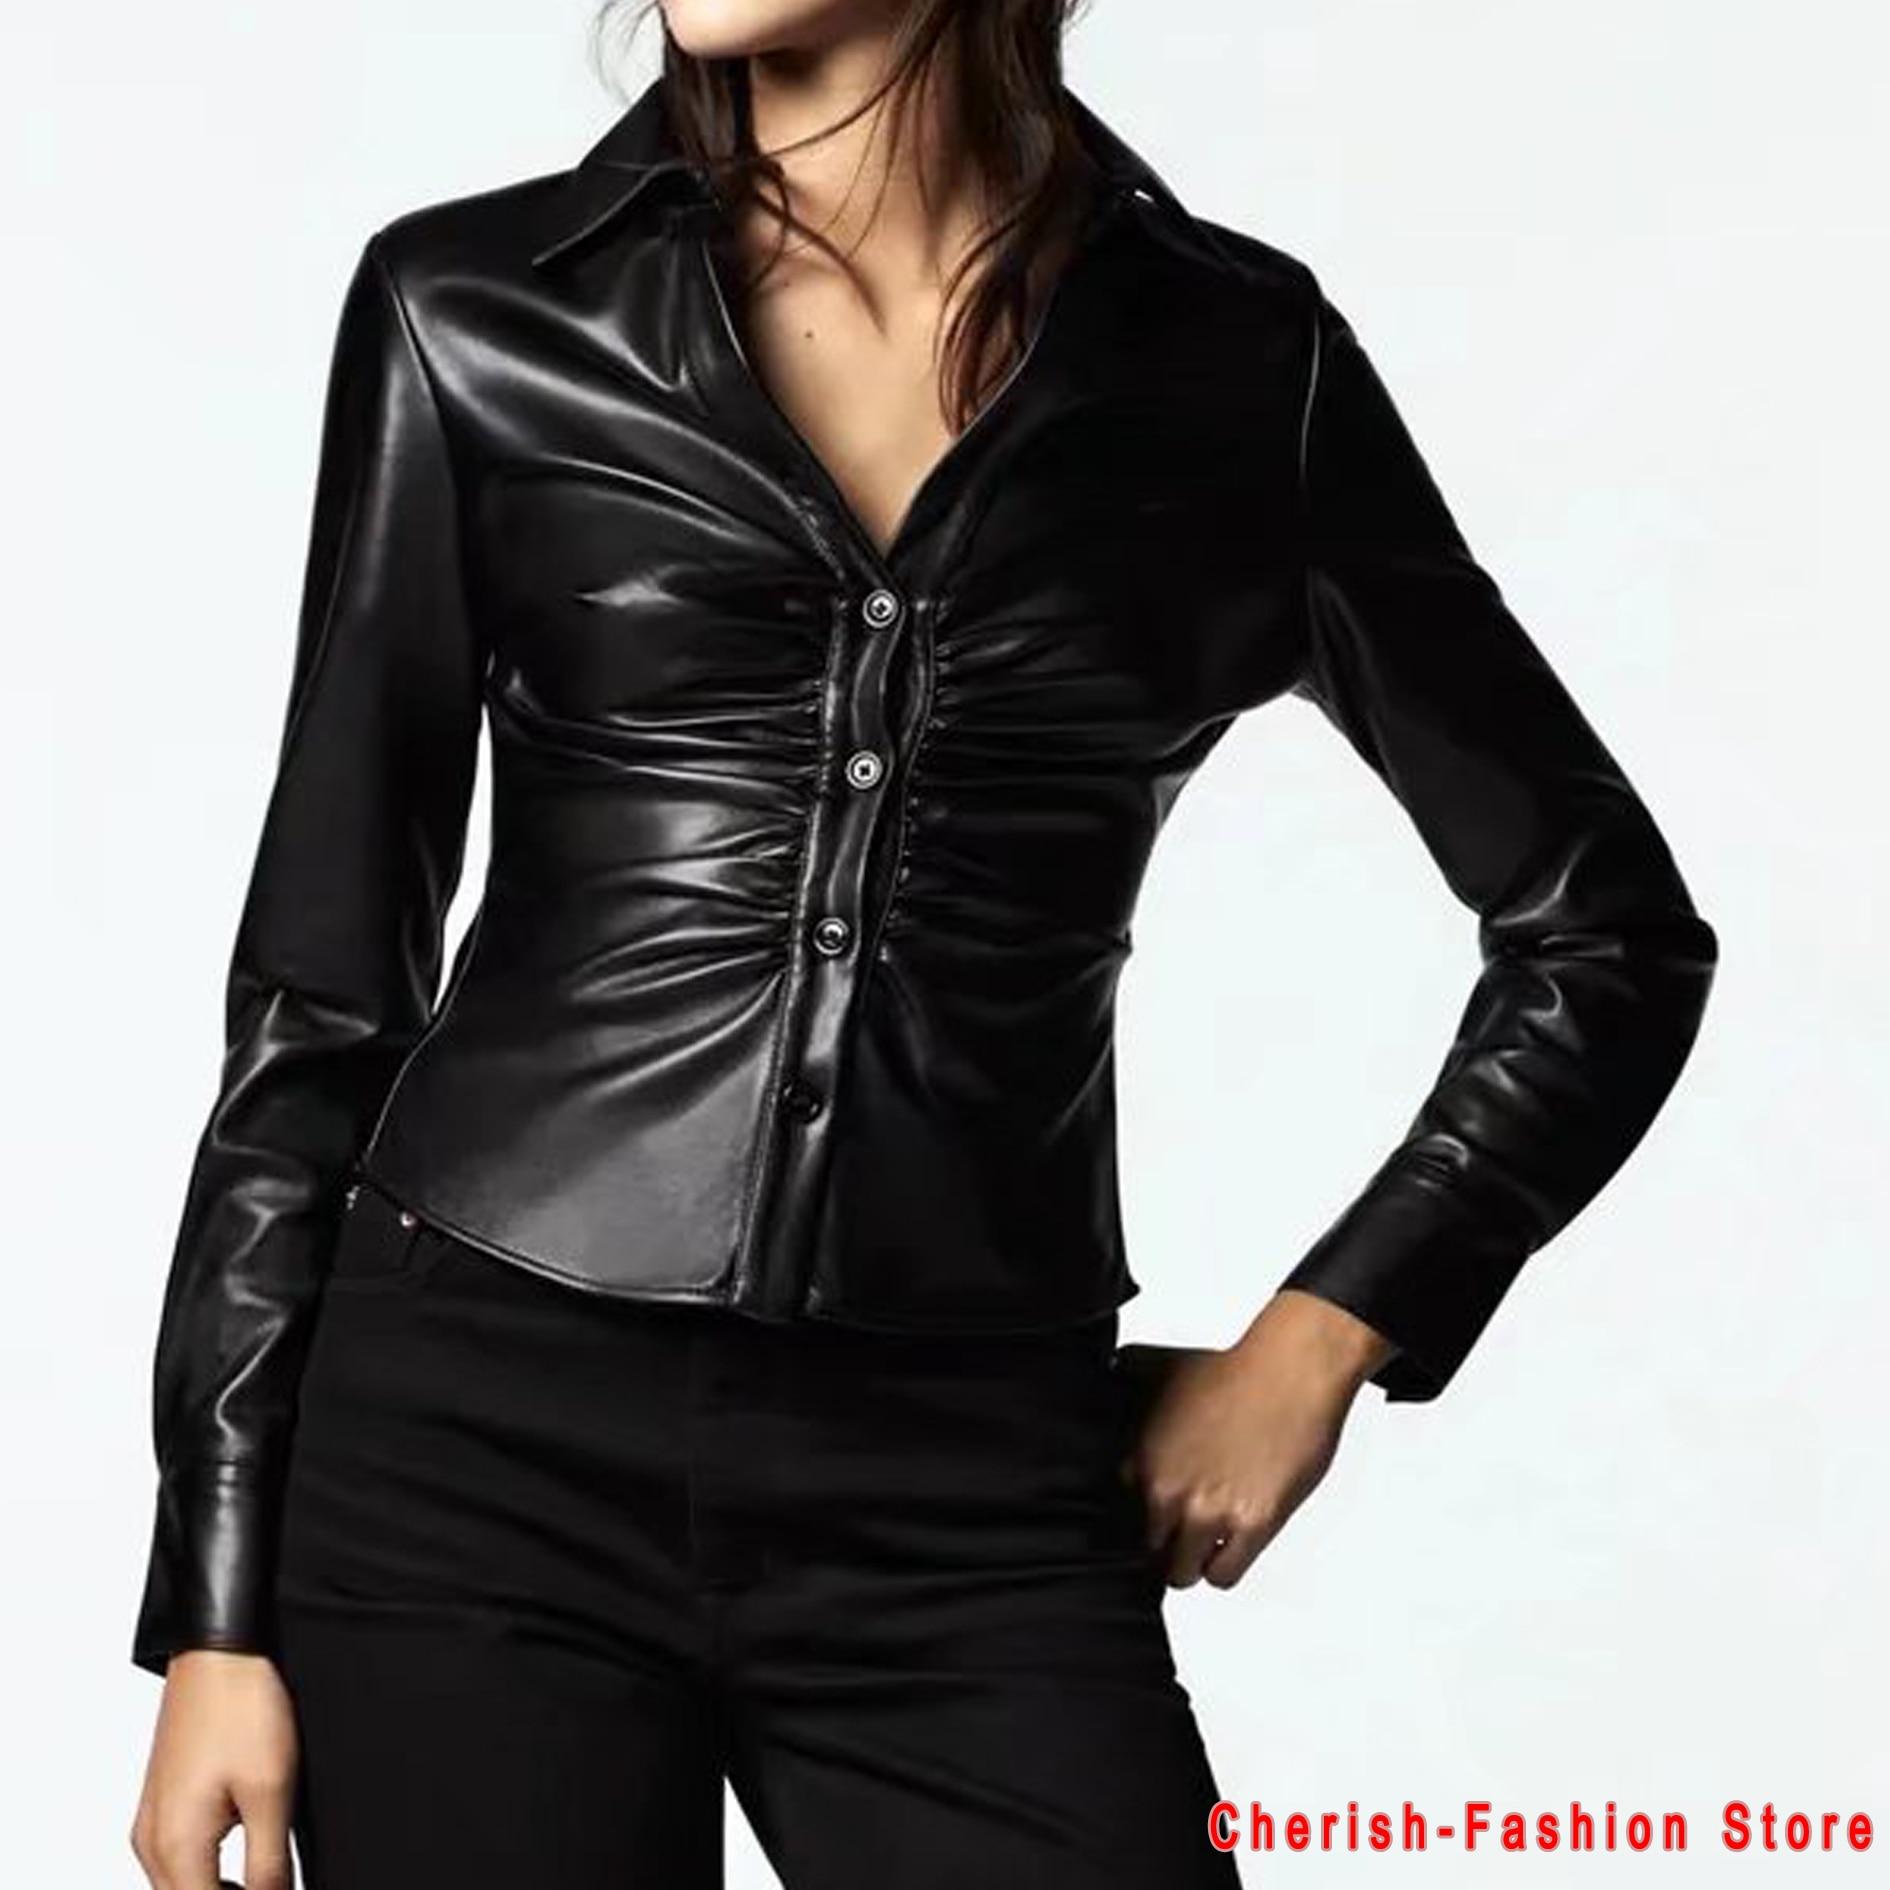 Новое поступление брендовые зимние осенние черные мотоциклетные кожаные куртки брендовая кожаная куртка женское кожаное пальто свободная...